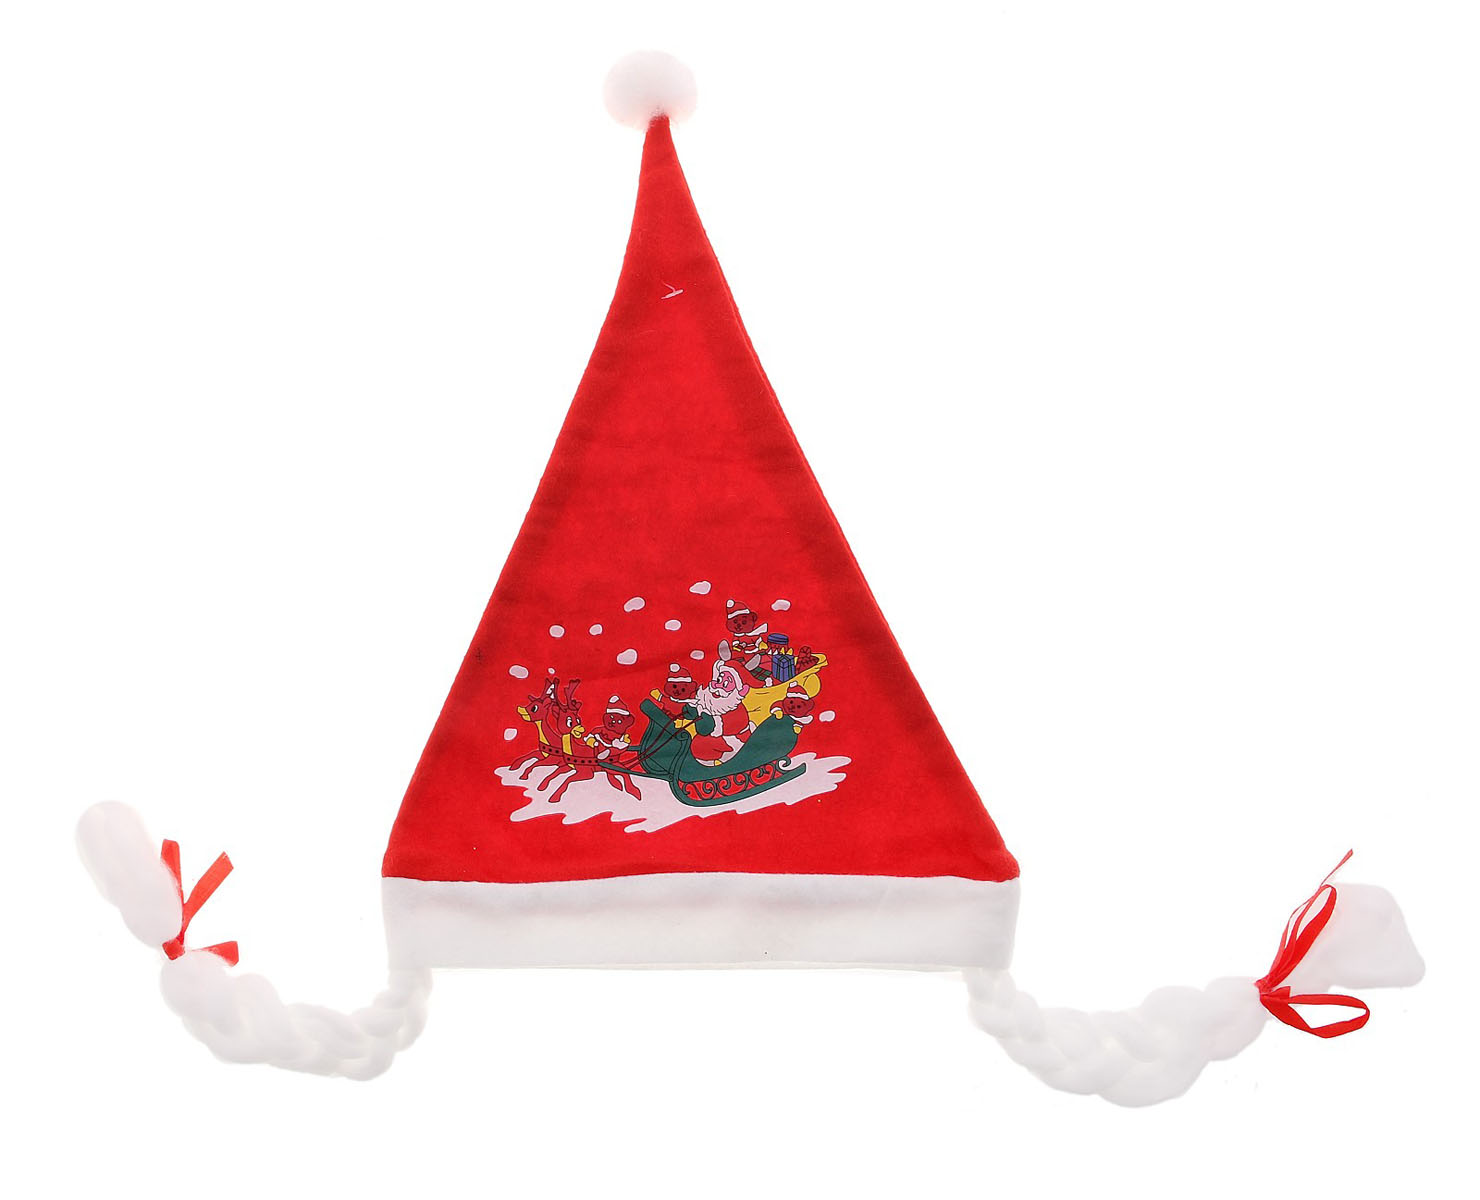 Колпак новогодний Sima-land, с косичками, 40 х 27 см719604Новогодний колпак Sima-land развеселит вас и ваших друзей в праздничную ночь. Колпак, выполненный из текстиля, оформлен помпоном и косичками. Радуйте себя и родных, дарите подарки и хорошее настроение! Откройте для себя удивительный мир сказок и грез. Почувствуйте волшебные минуты ожидания праздника, создайте новогоднее настроение вашим дорогим и близким.